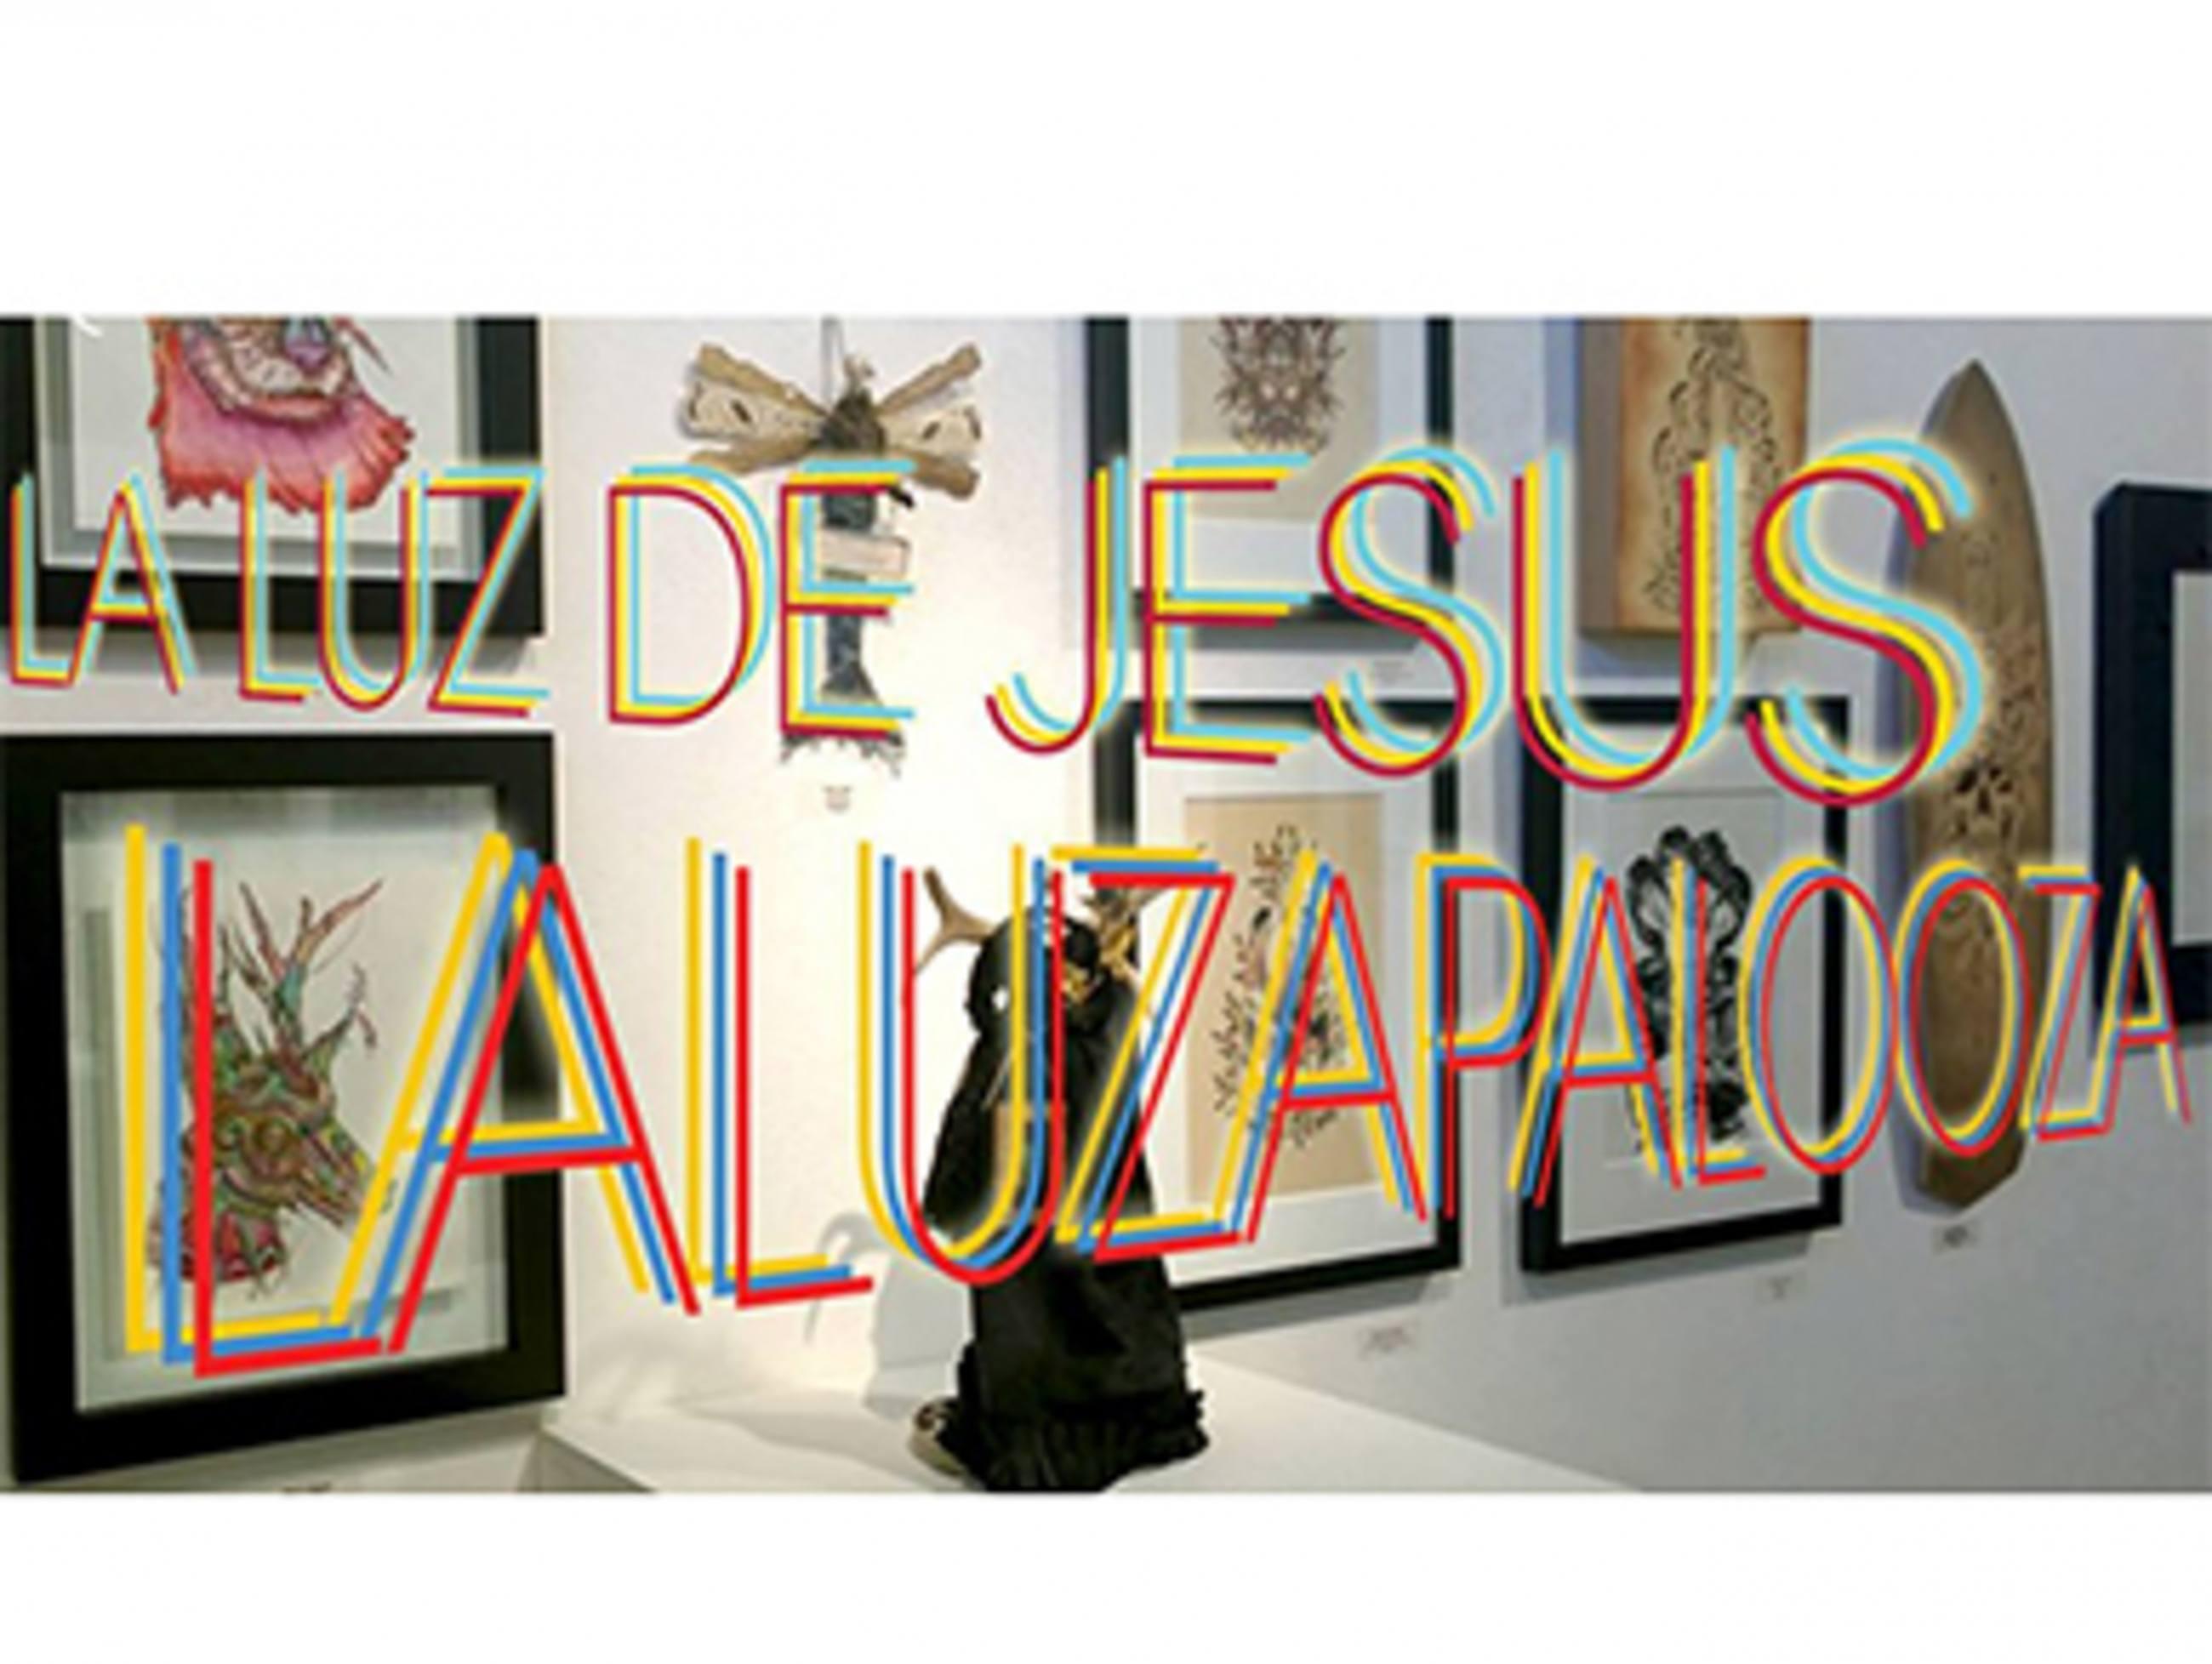 La-Luz-De-Jesus-Gallery